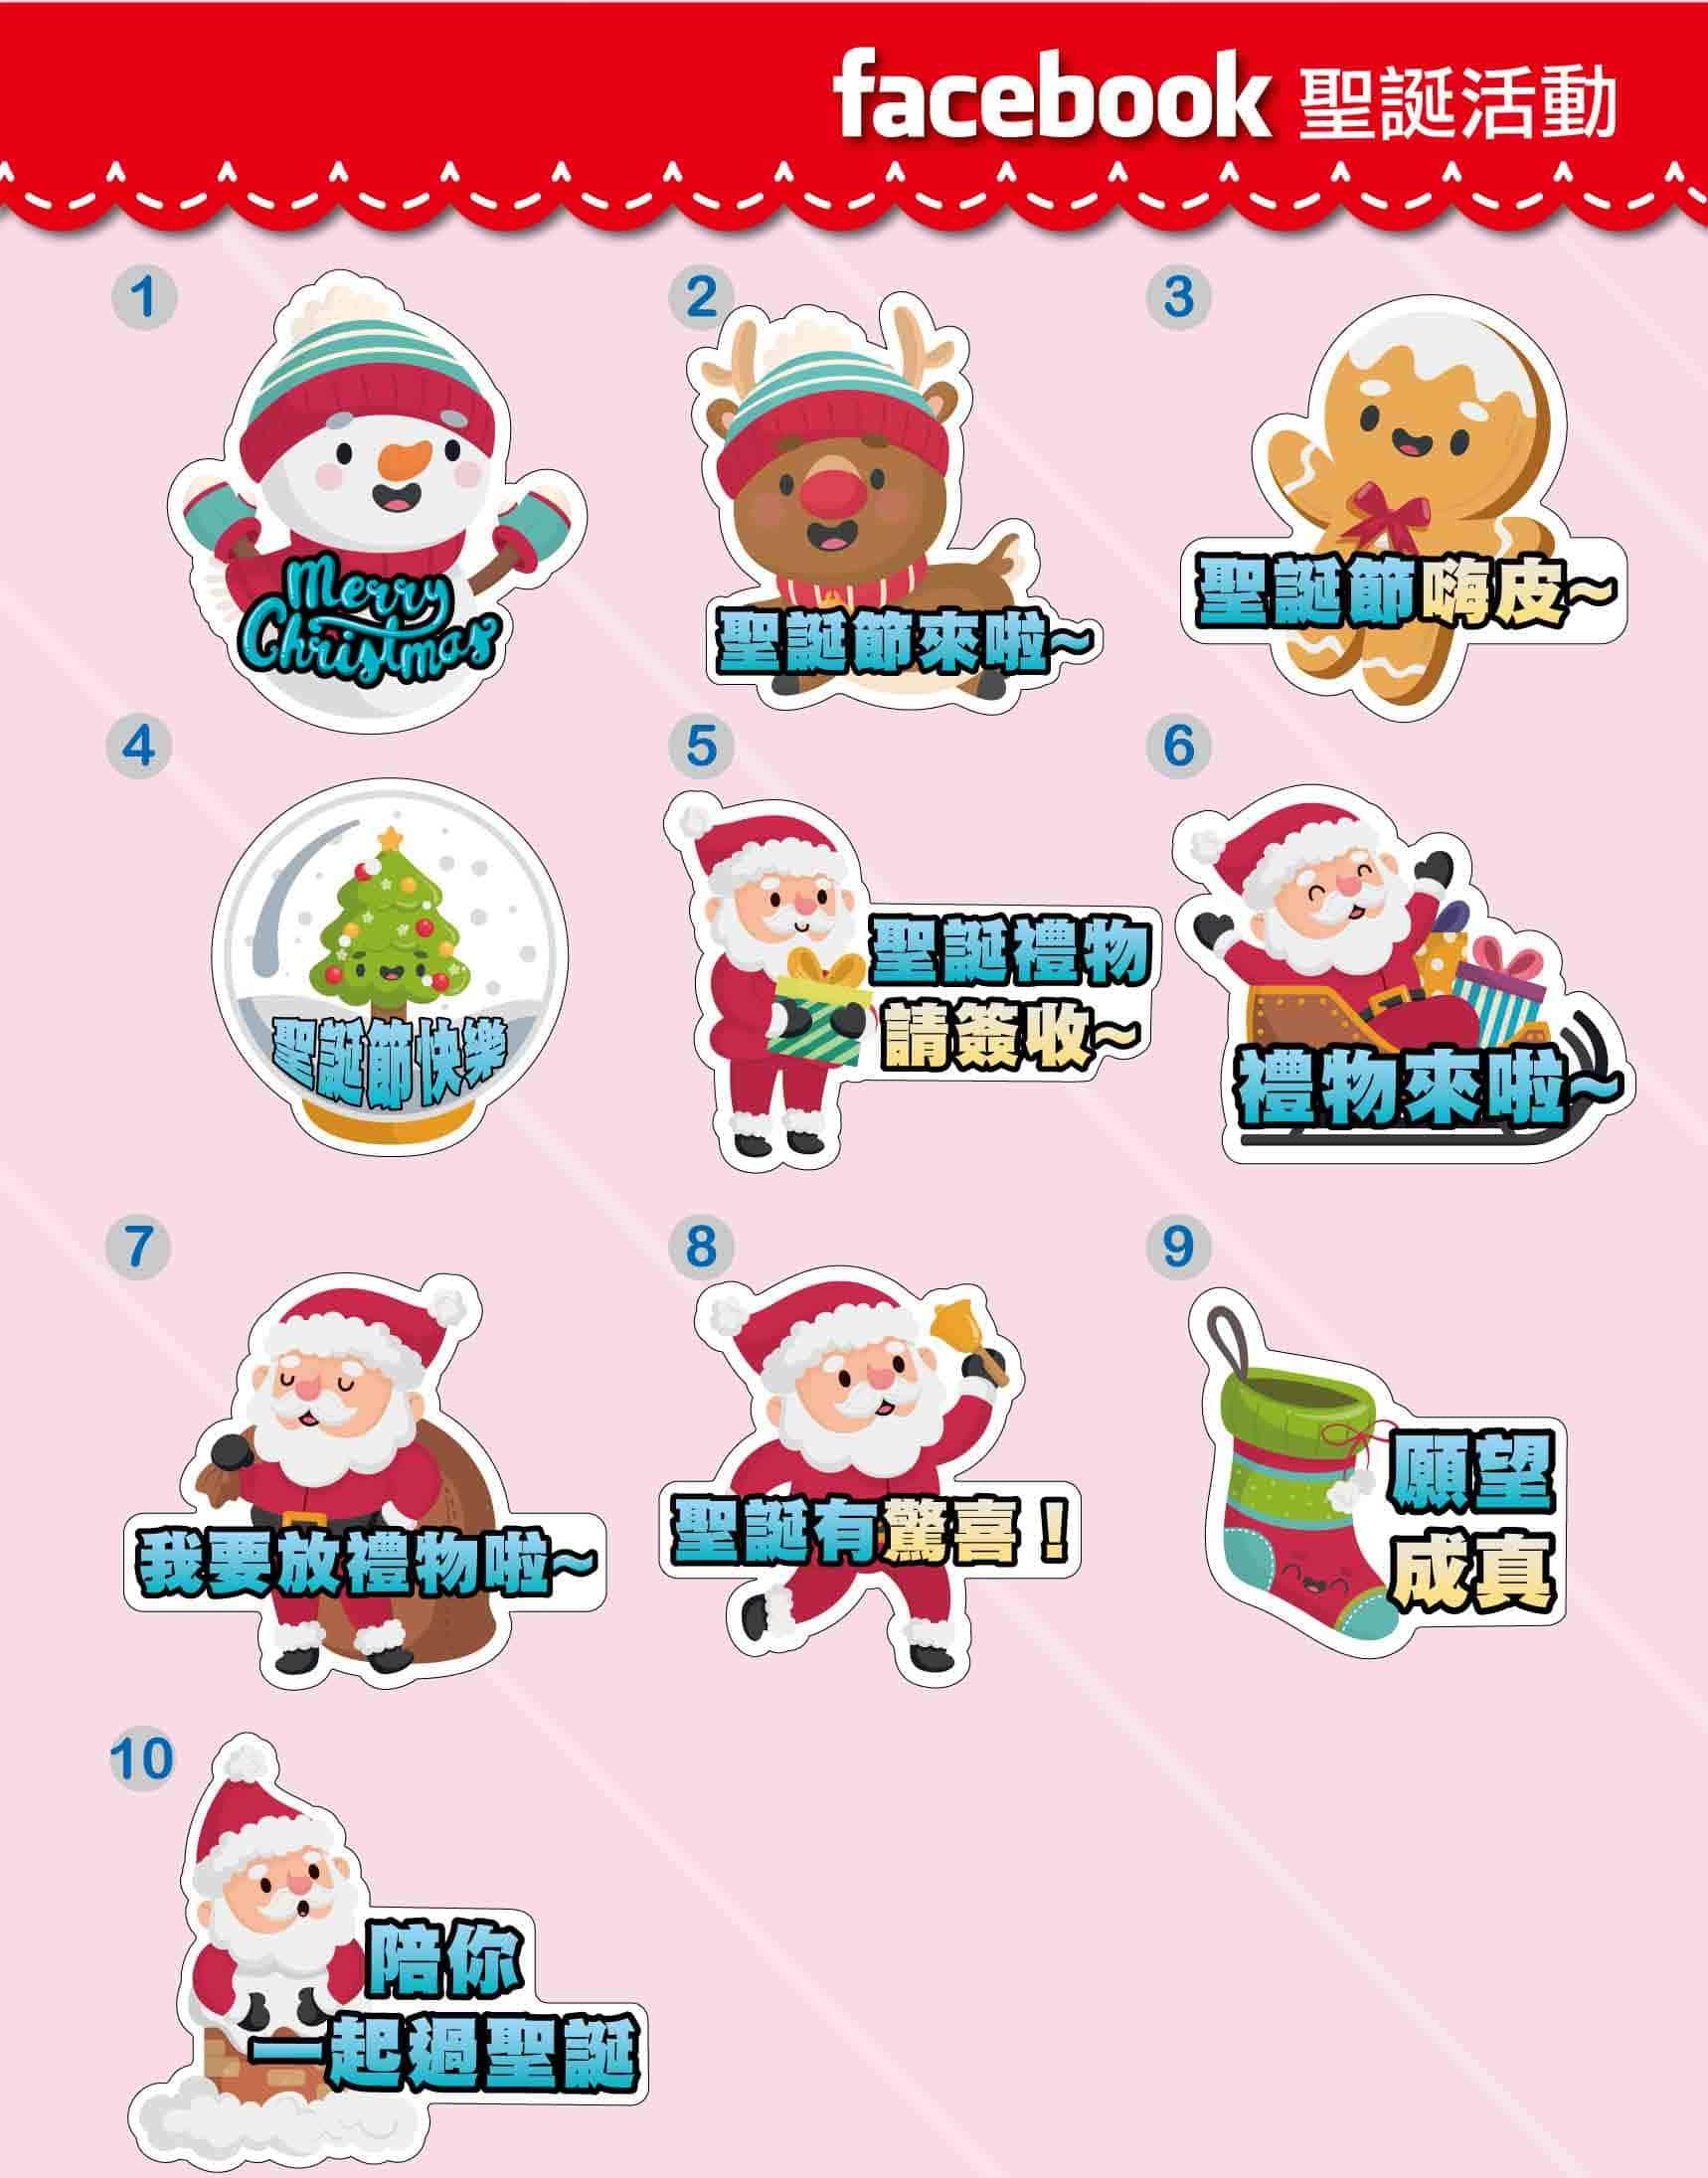 20210910-5聖誕節-手拿板(上架版面轉外框)_手拿板平台資訊-Christmas-1